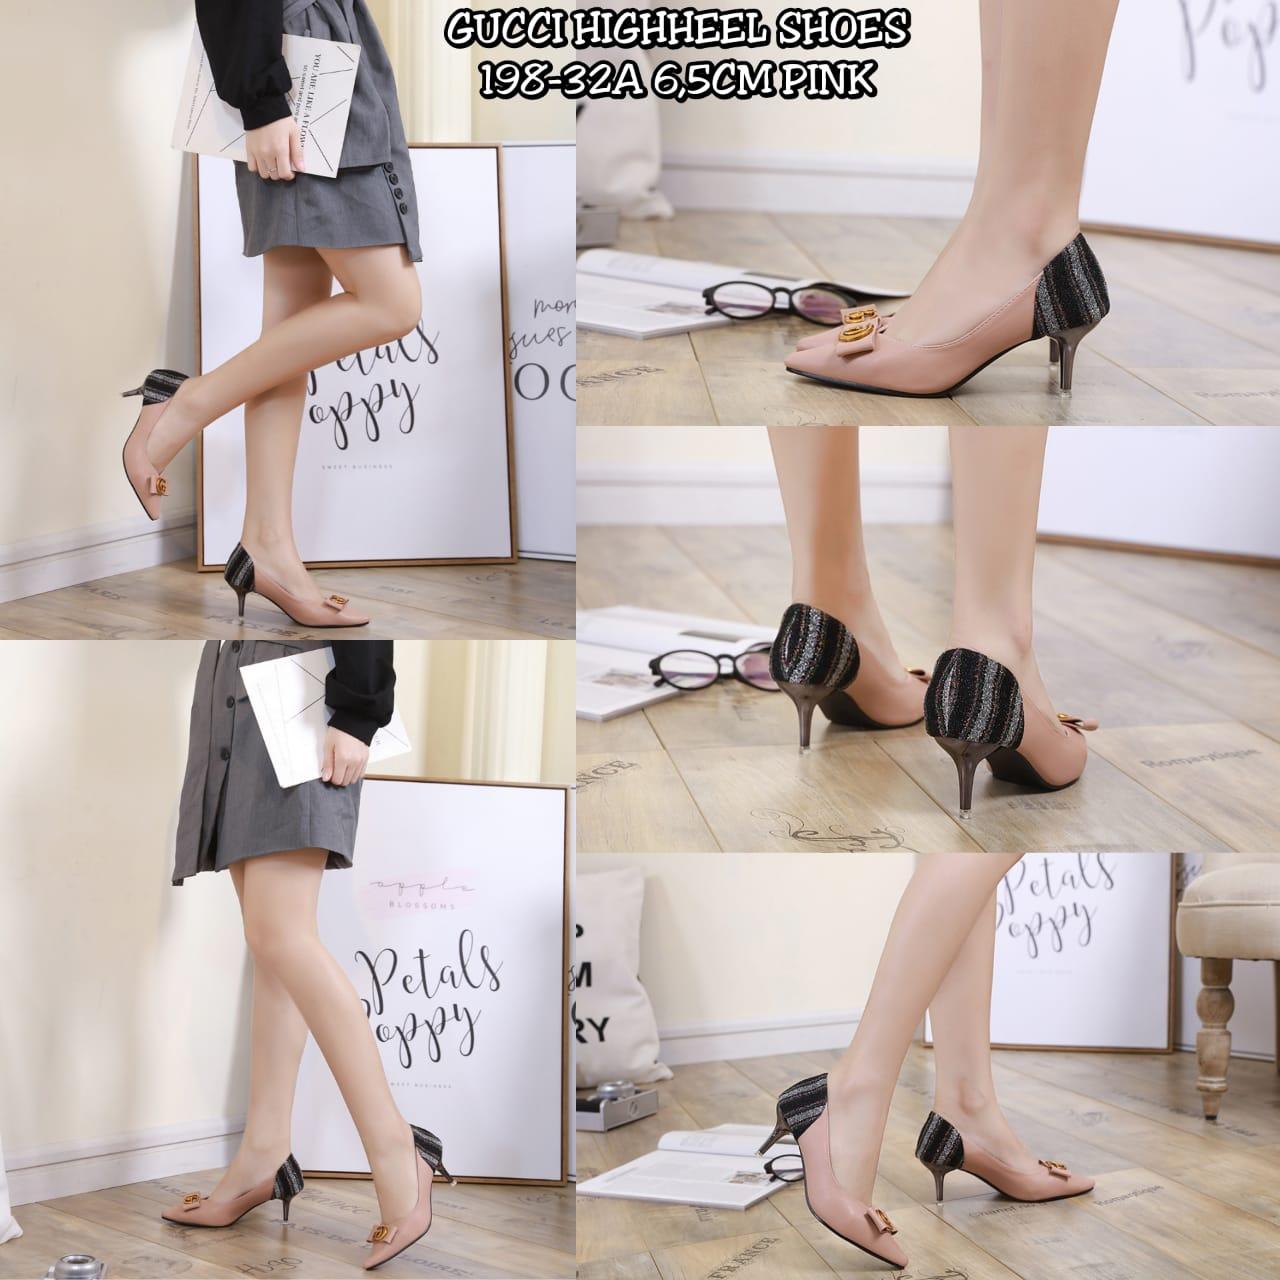 Sepatu high heels gucci terbaru 2020 di jakarta  198-32AB5